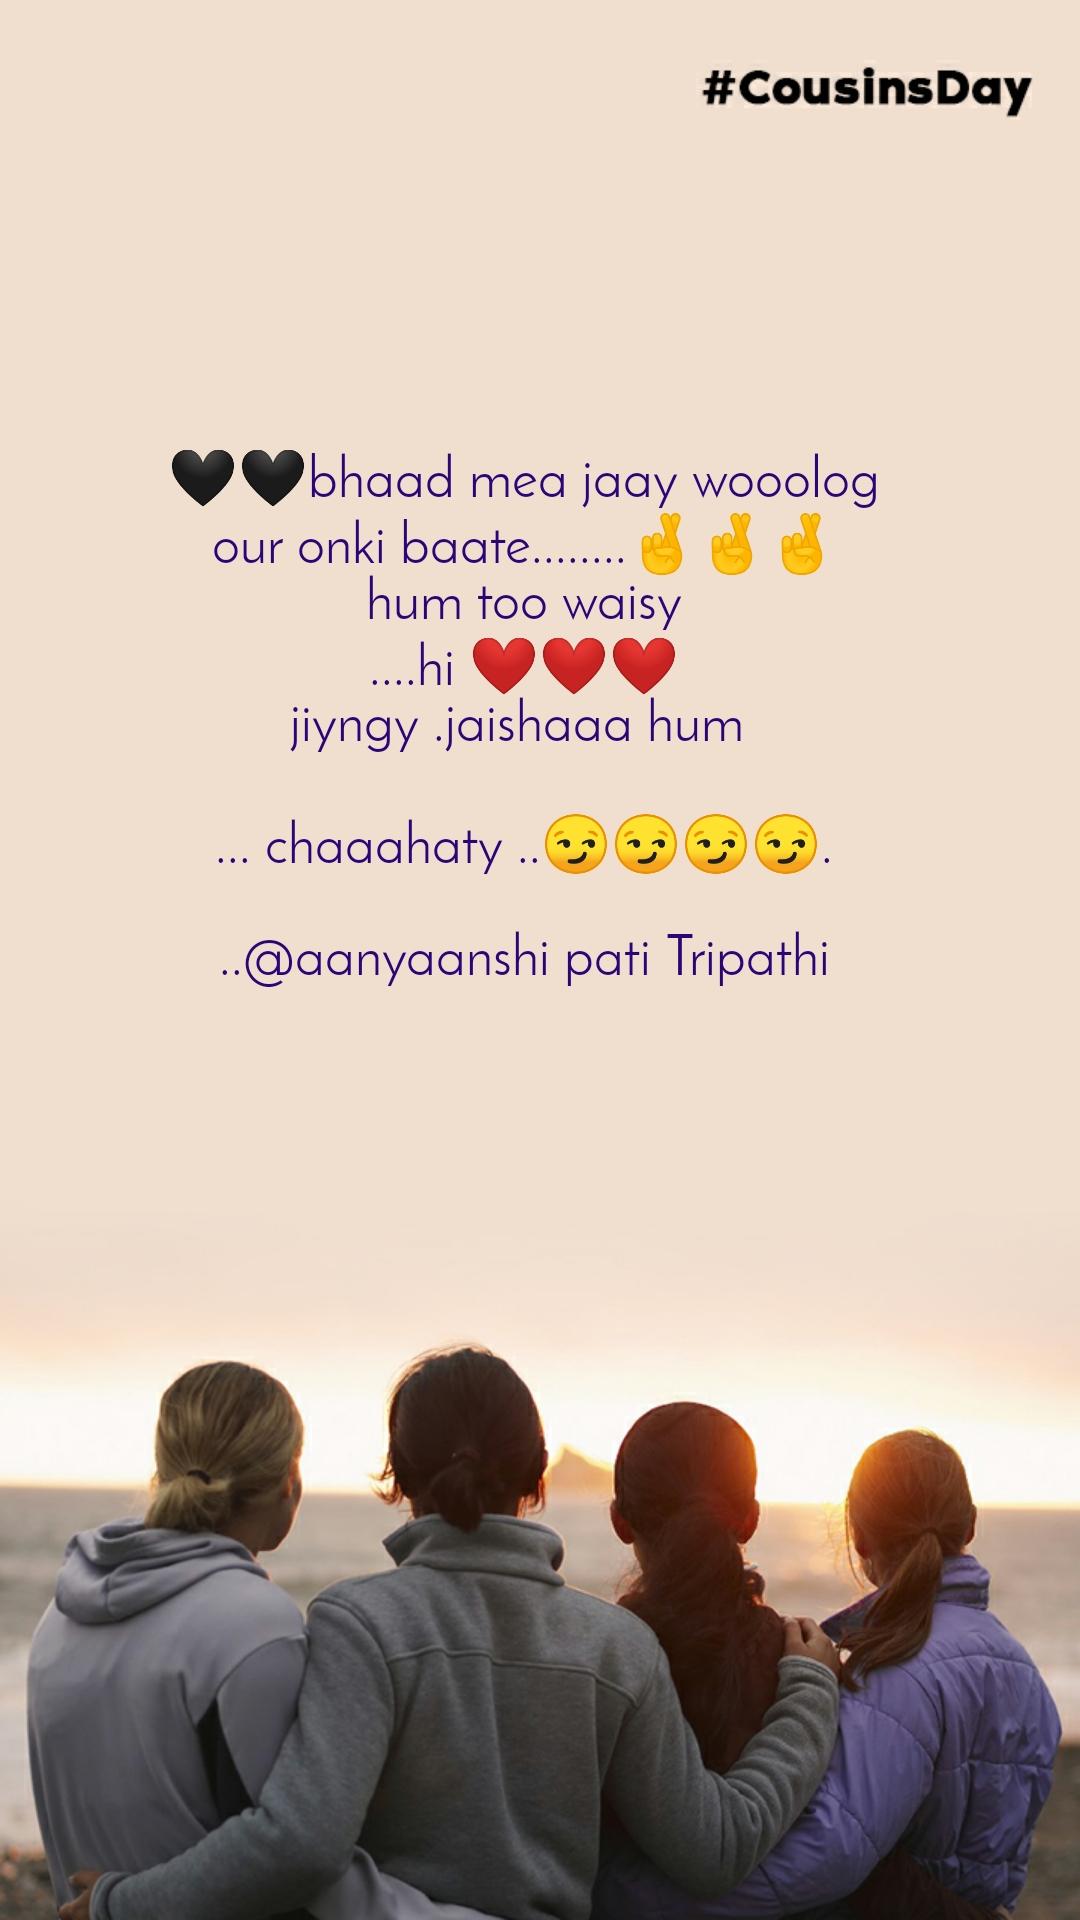 🖤🖤bhaad mea jaay wooolog our onki baate........🤞🤞🤞 hum too waisy ....hi ❤️❤️❤️ jiyngy .jaishaaa hum   ... chaaahaty ..😏😏😏😏.  ..@aanyaanshi pati Tripathi